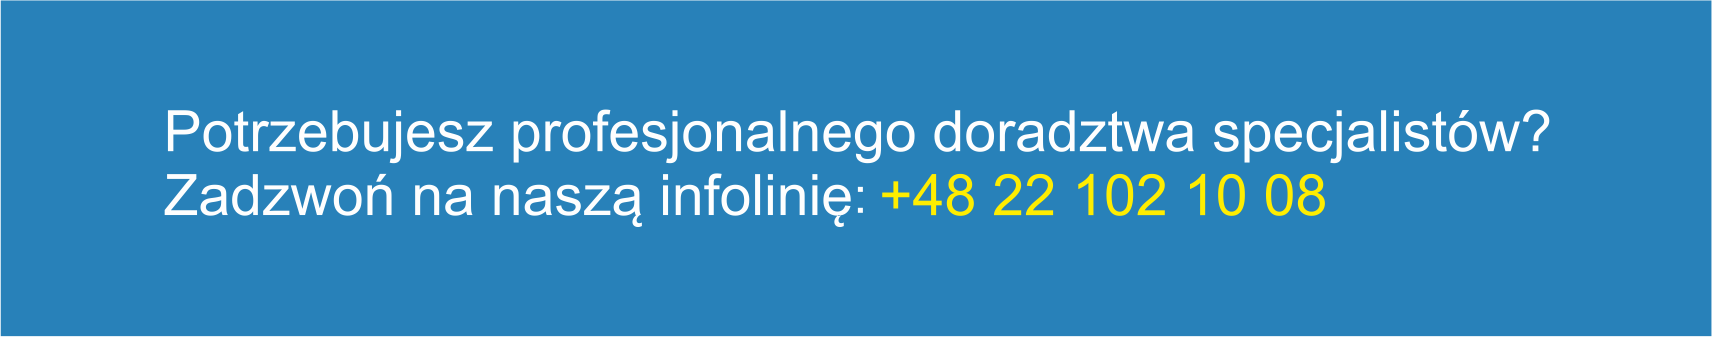 Potrzebujesz profesjonalnego doradztwa specjalistów? Zadzwoń na naszą infolinię: +48 22 102 10 08